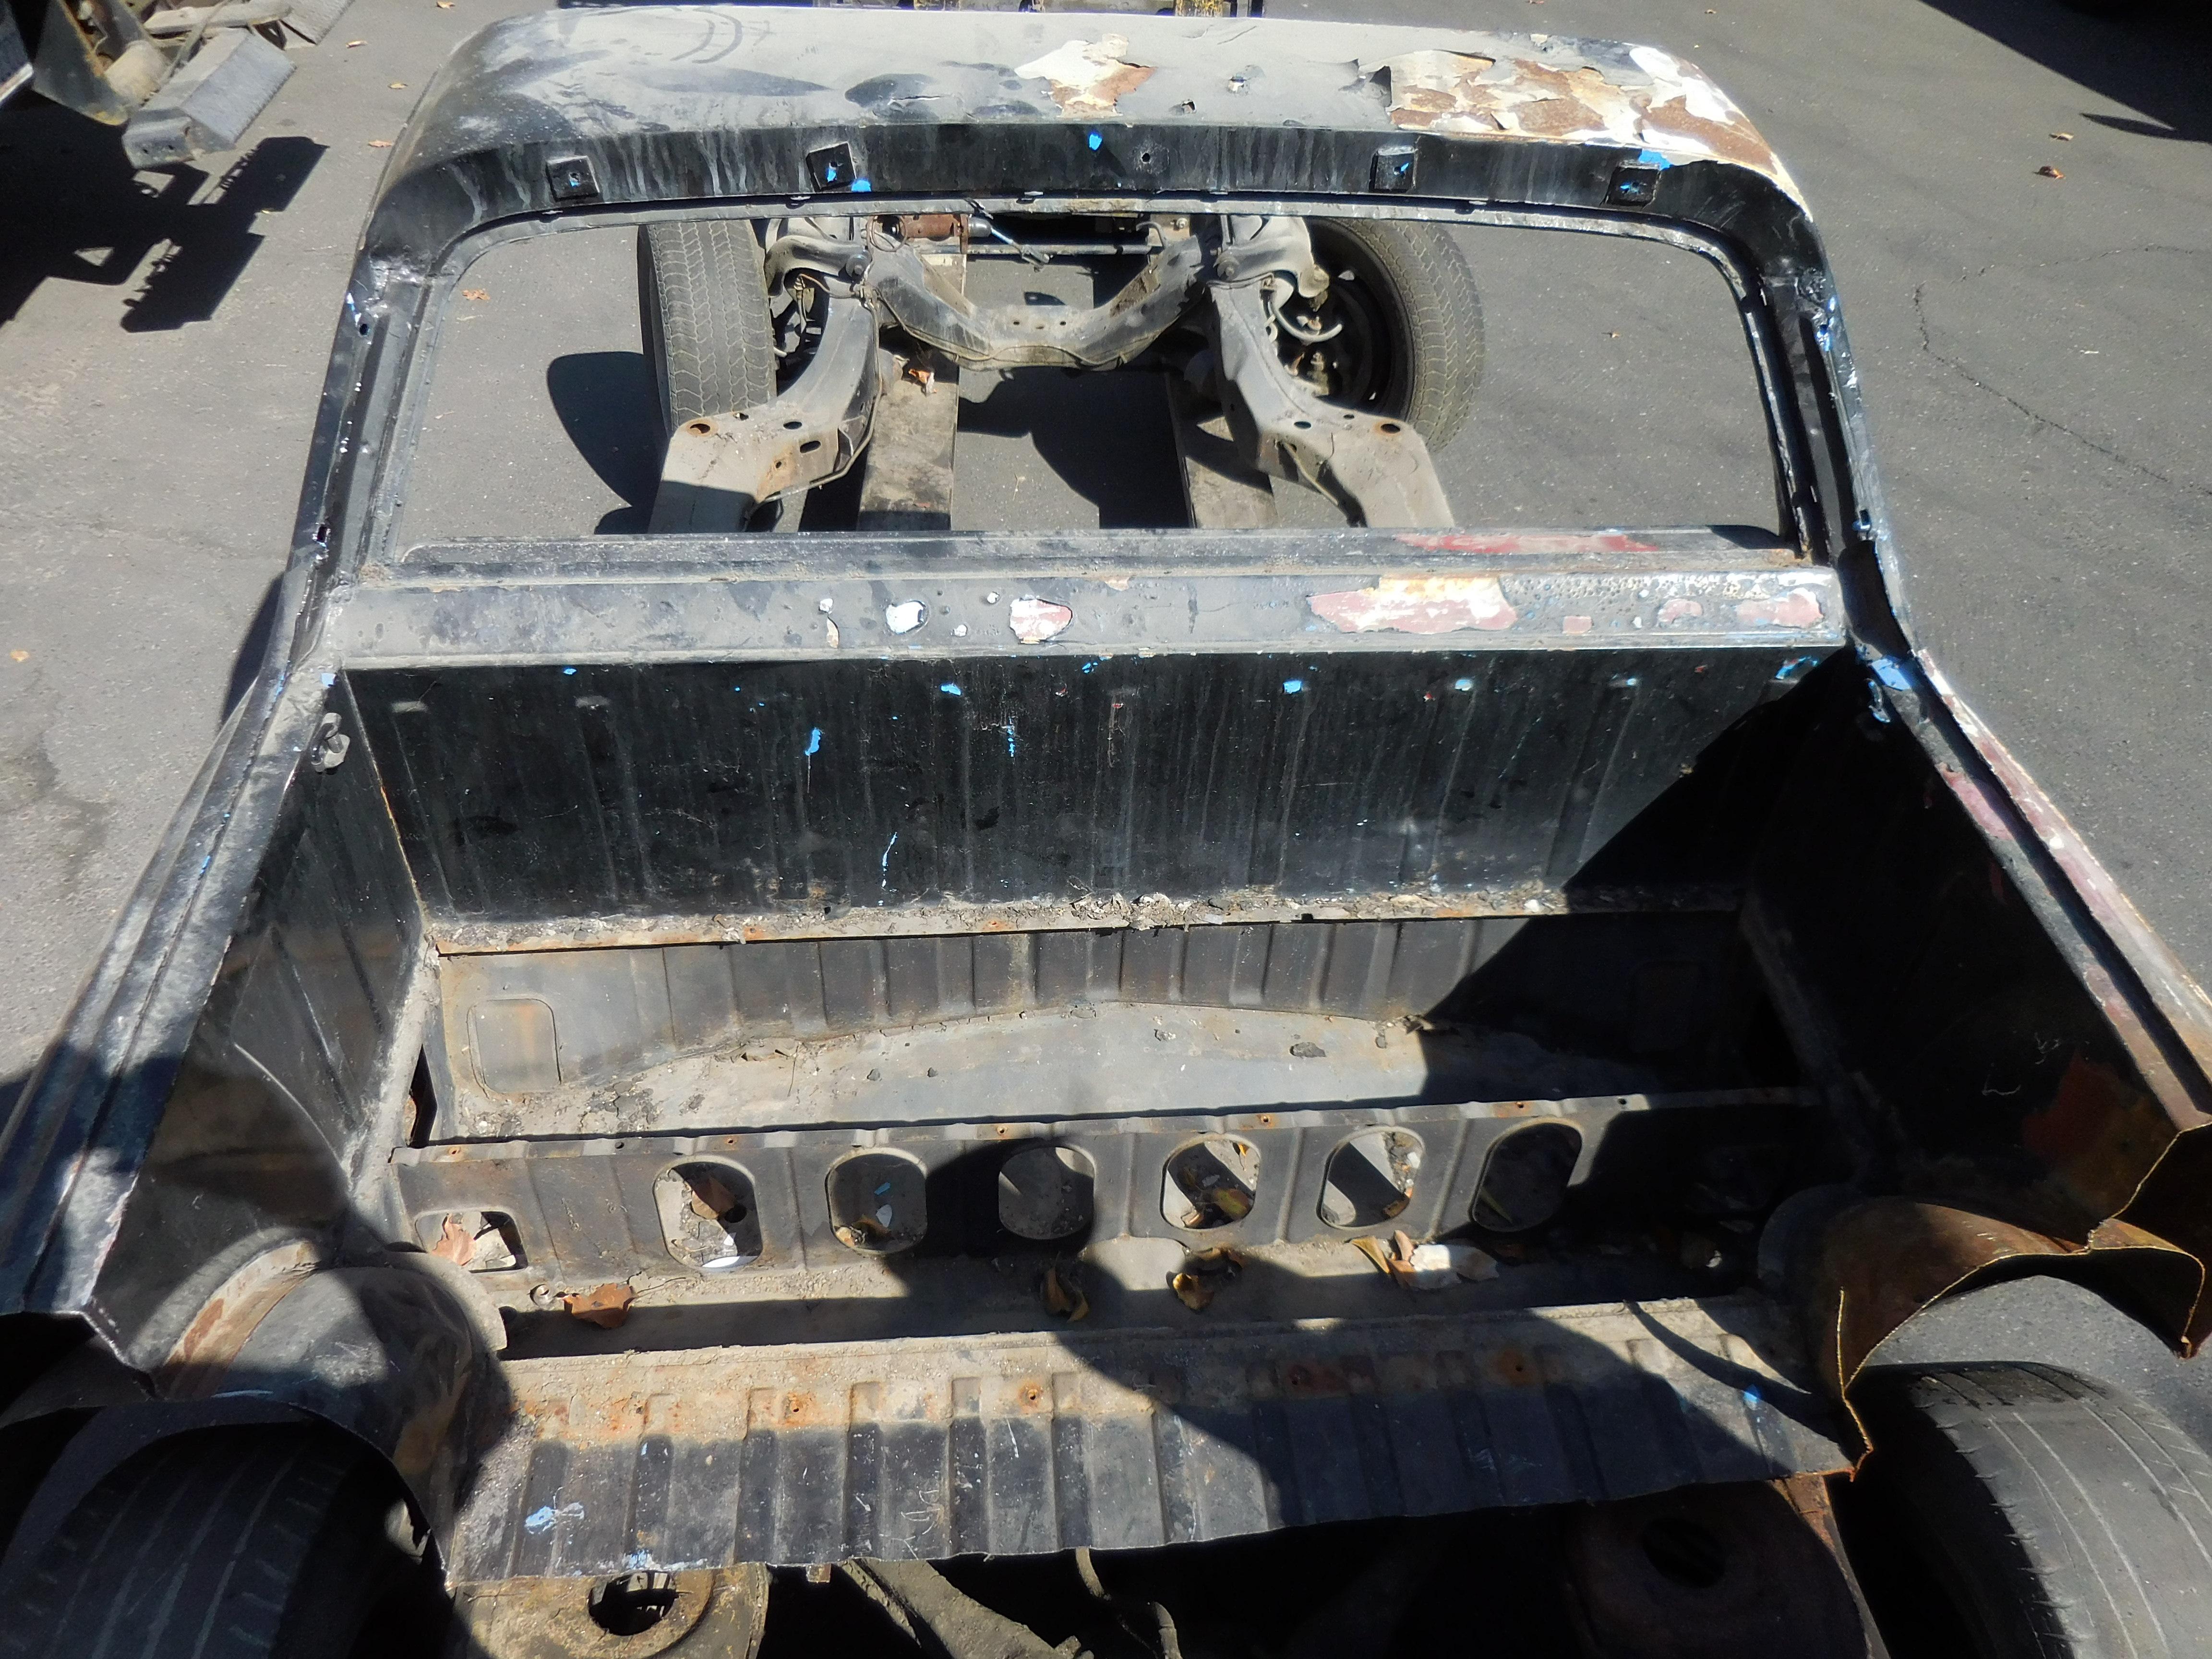 1964-1967 Chevrolet El Camino Rear Deck Shelf Section